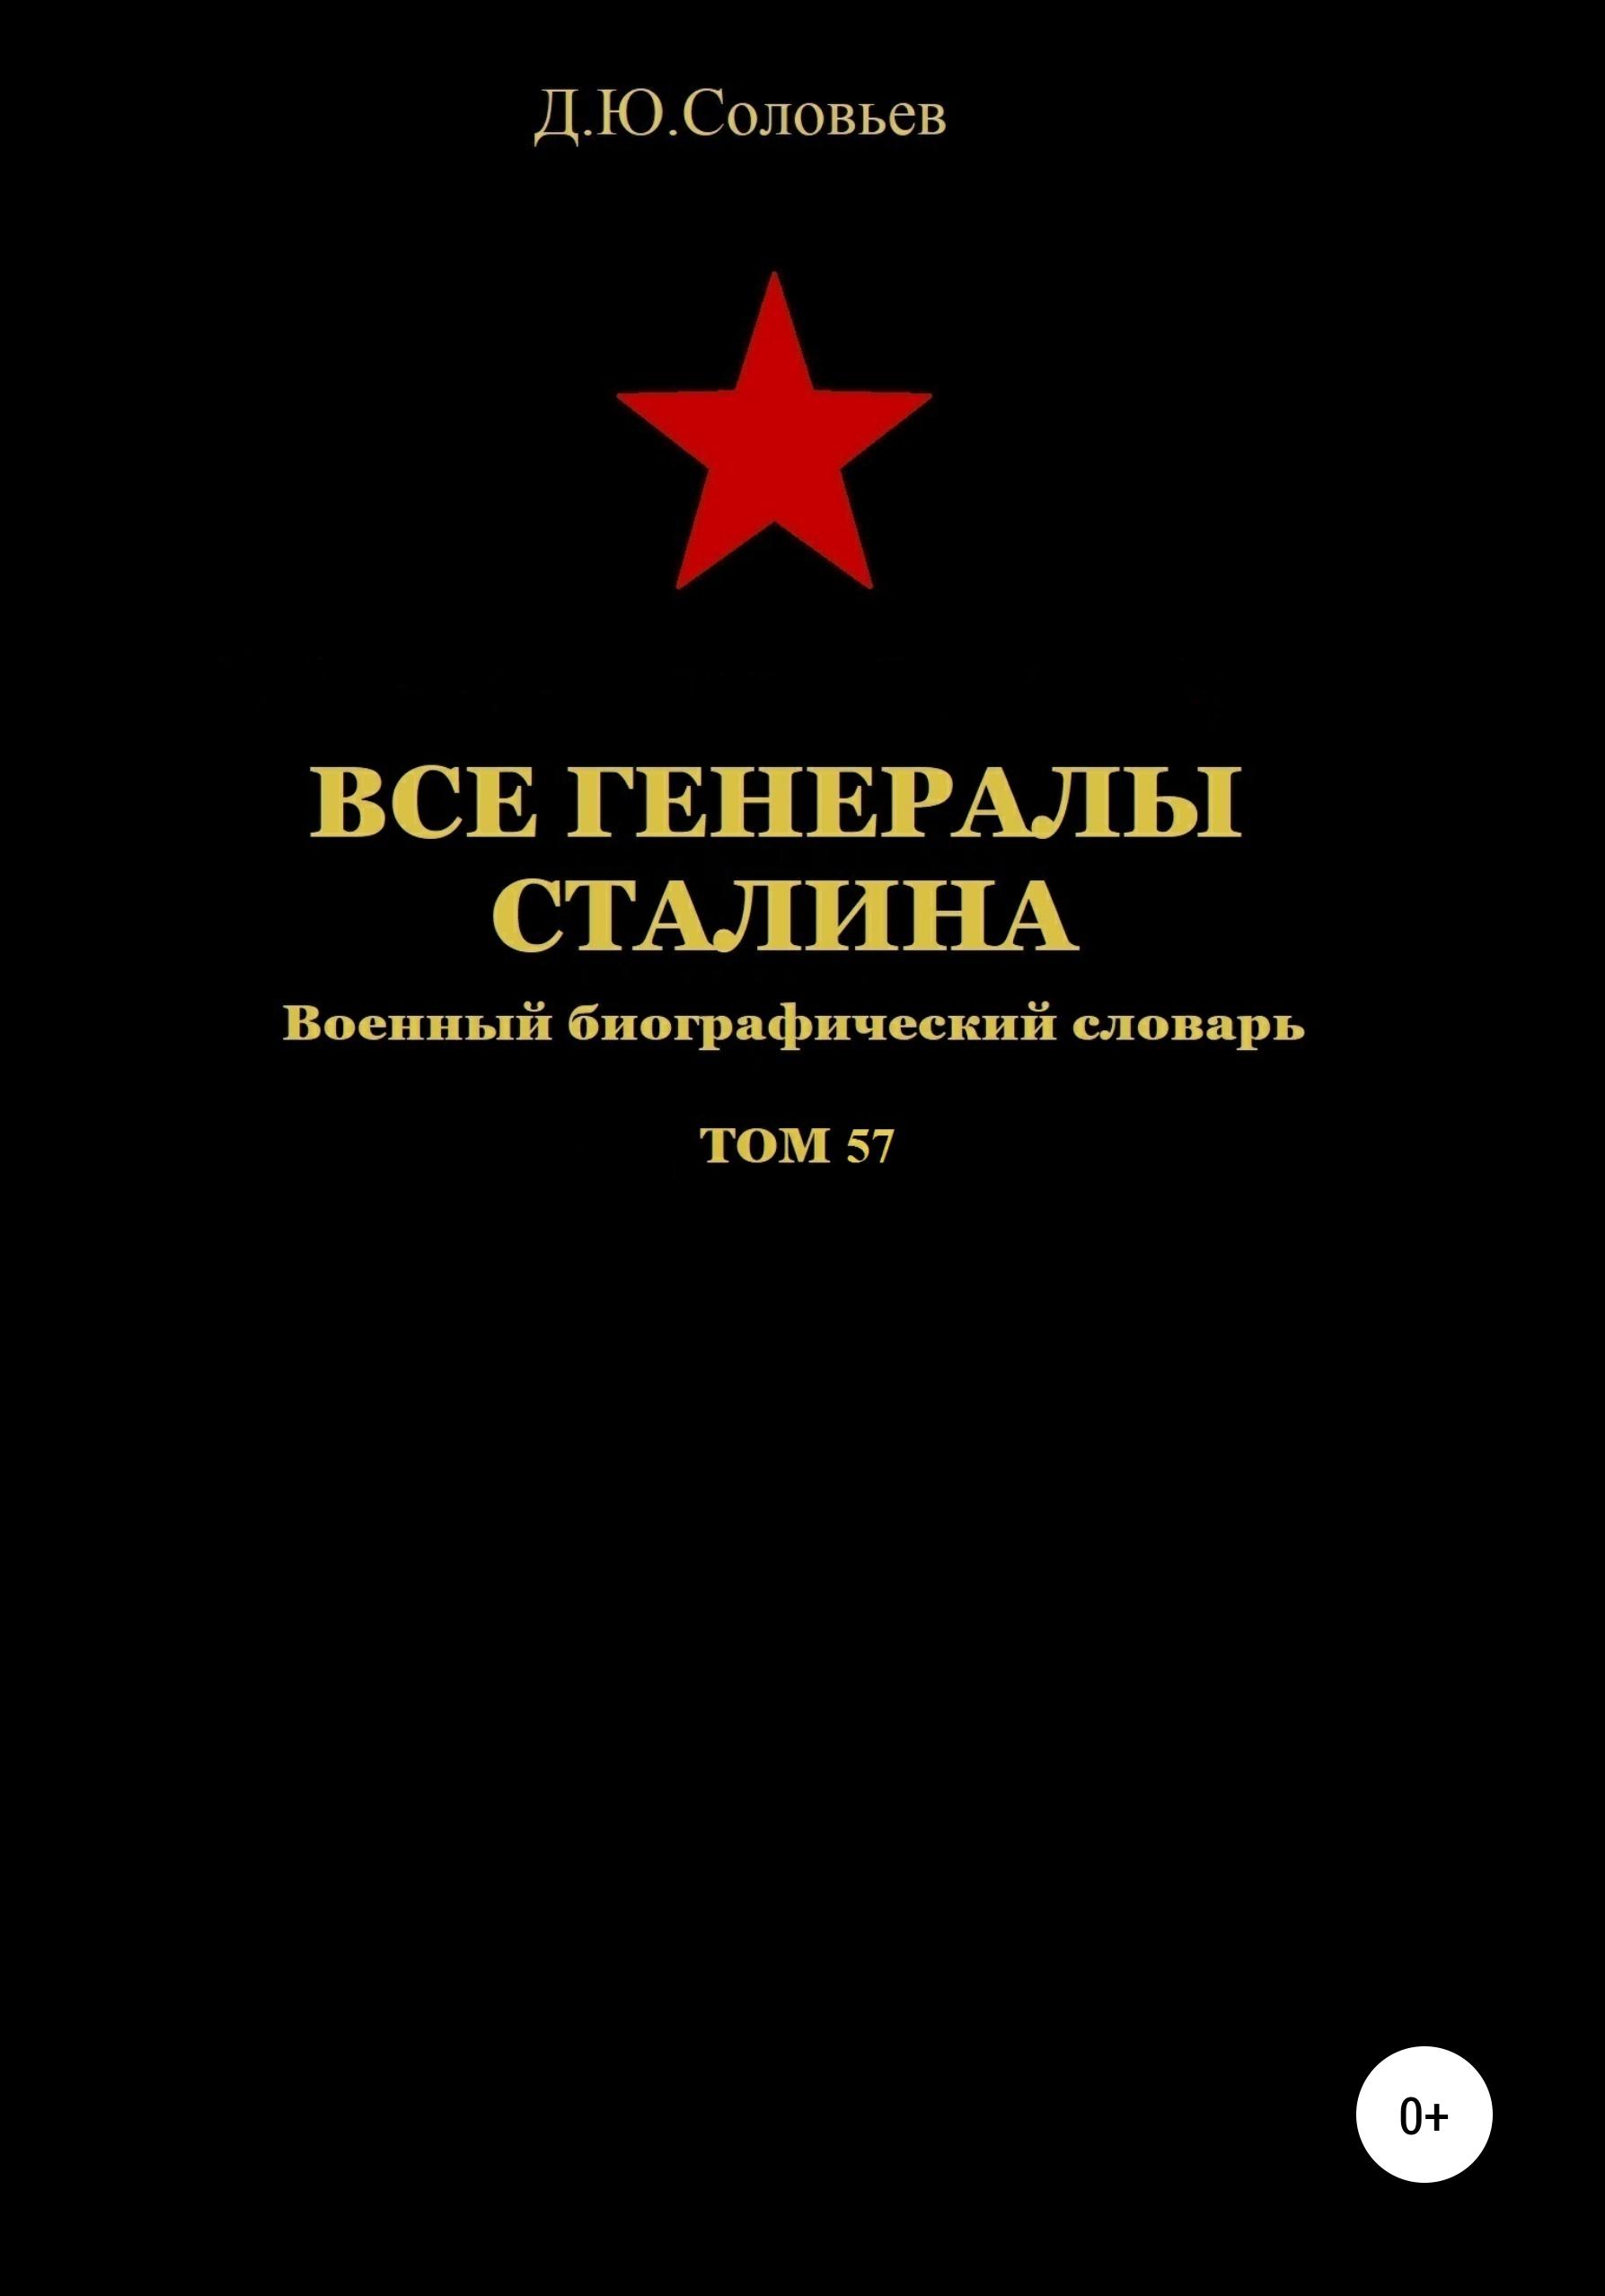 Денис Соловьев - Все генералы Сталина. Том 57